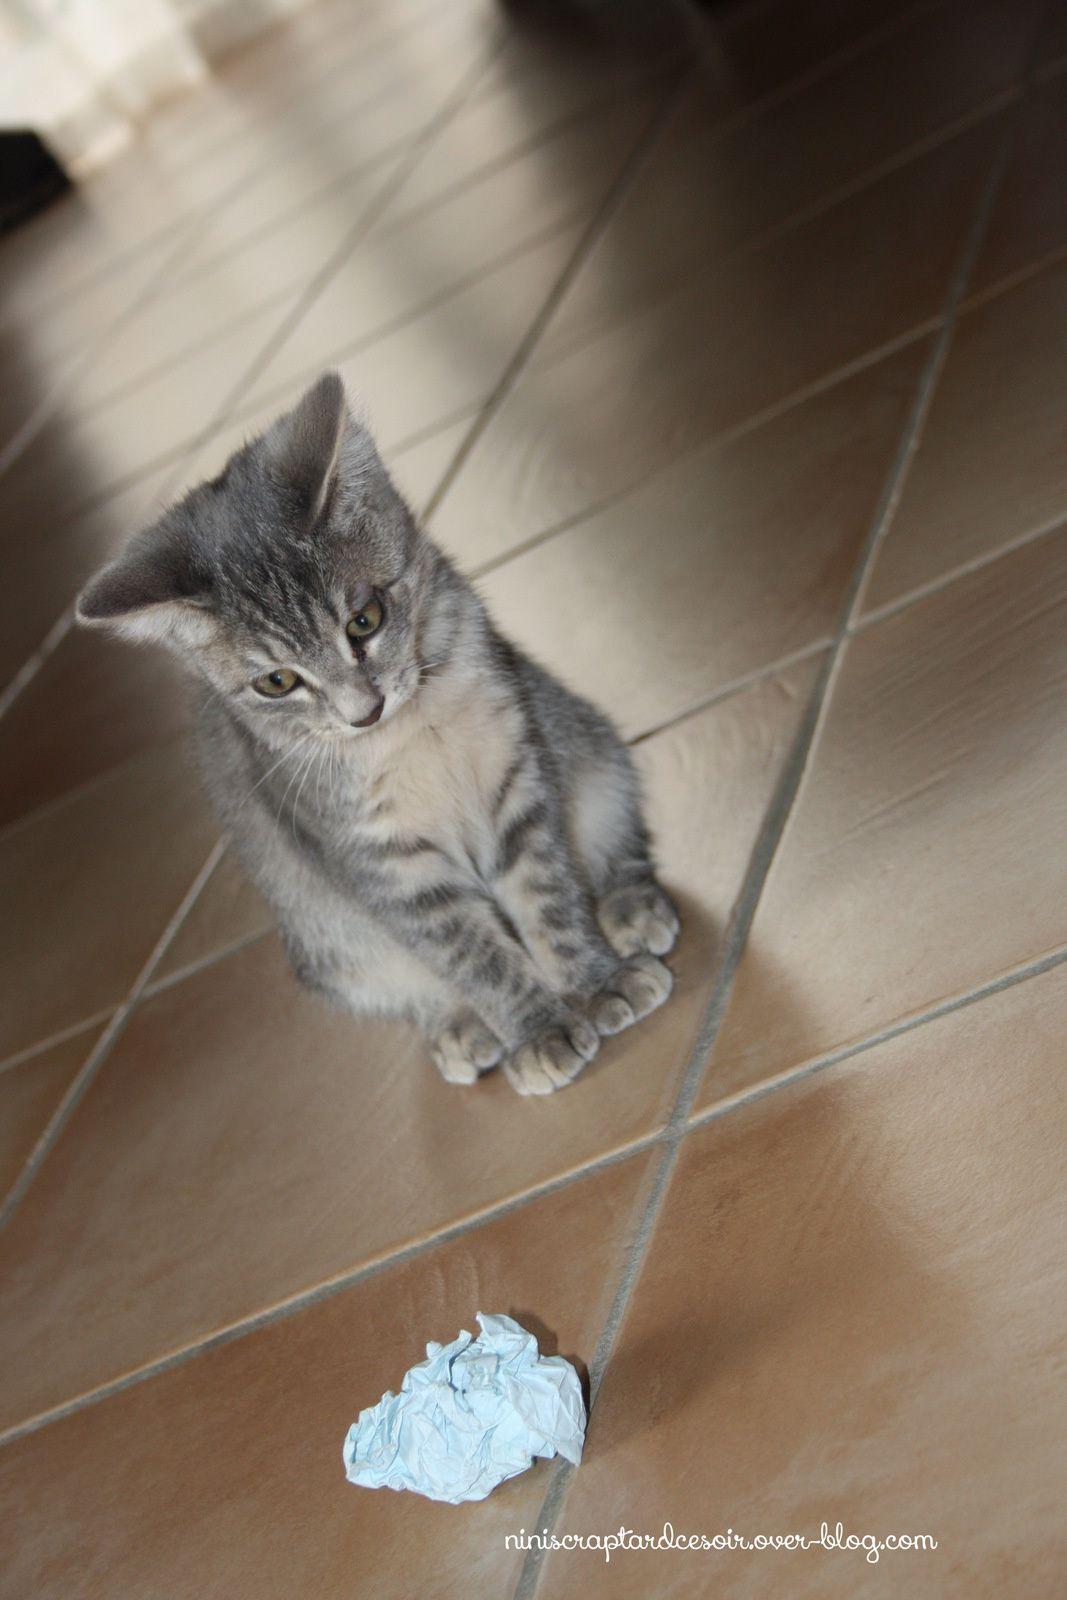 Petits cadeaux naissance... Et nom du chaton!